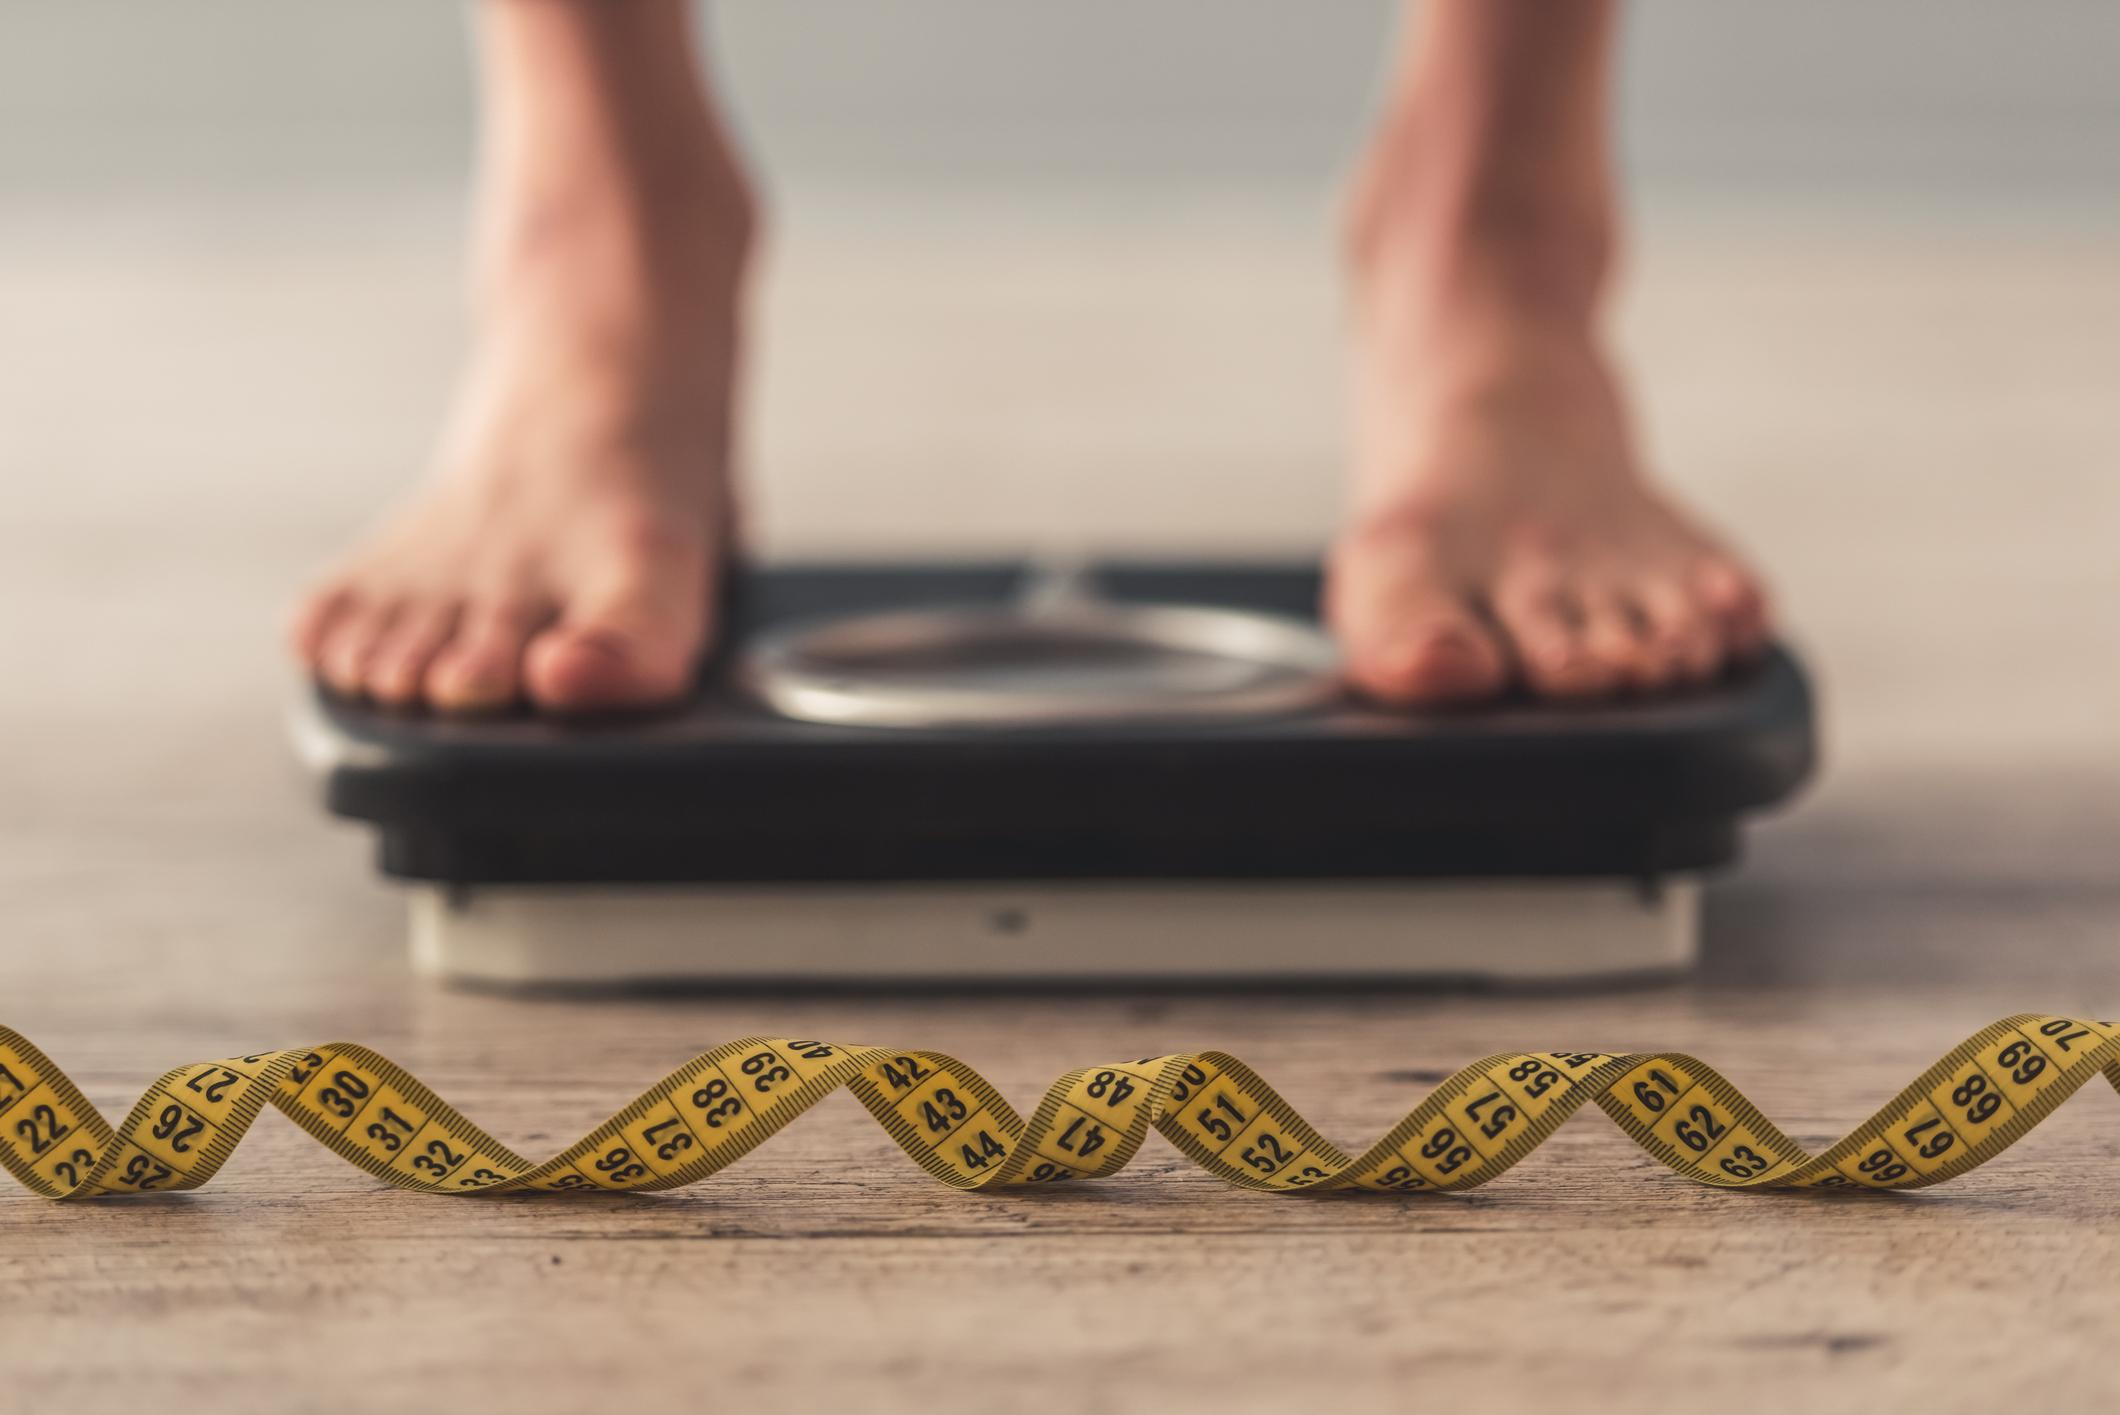 coquitlam ideal pentru pierderea în greutate cum să slăbești în timp ce se află pe adderall